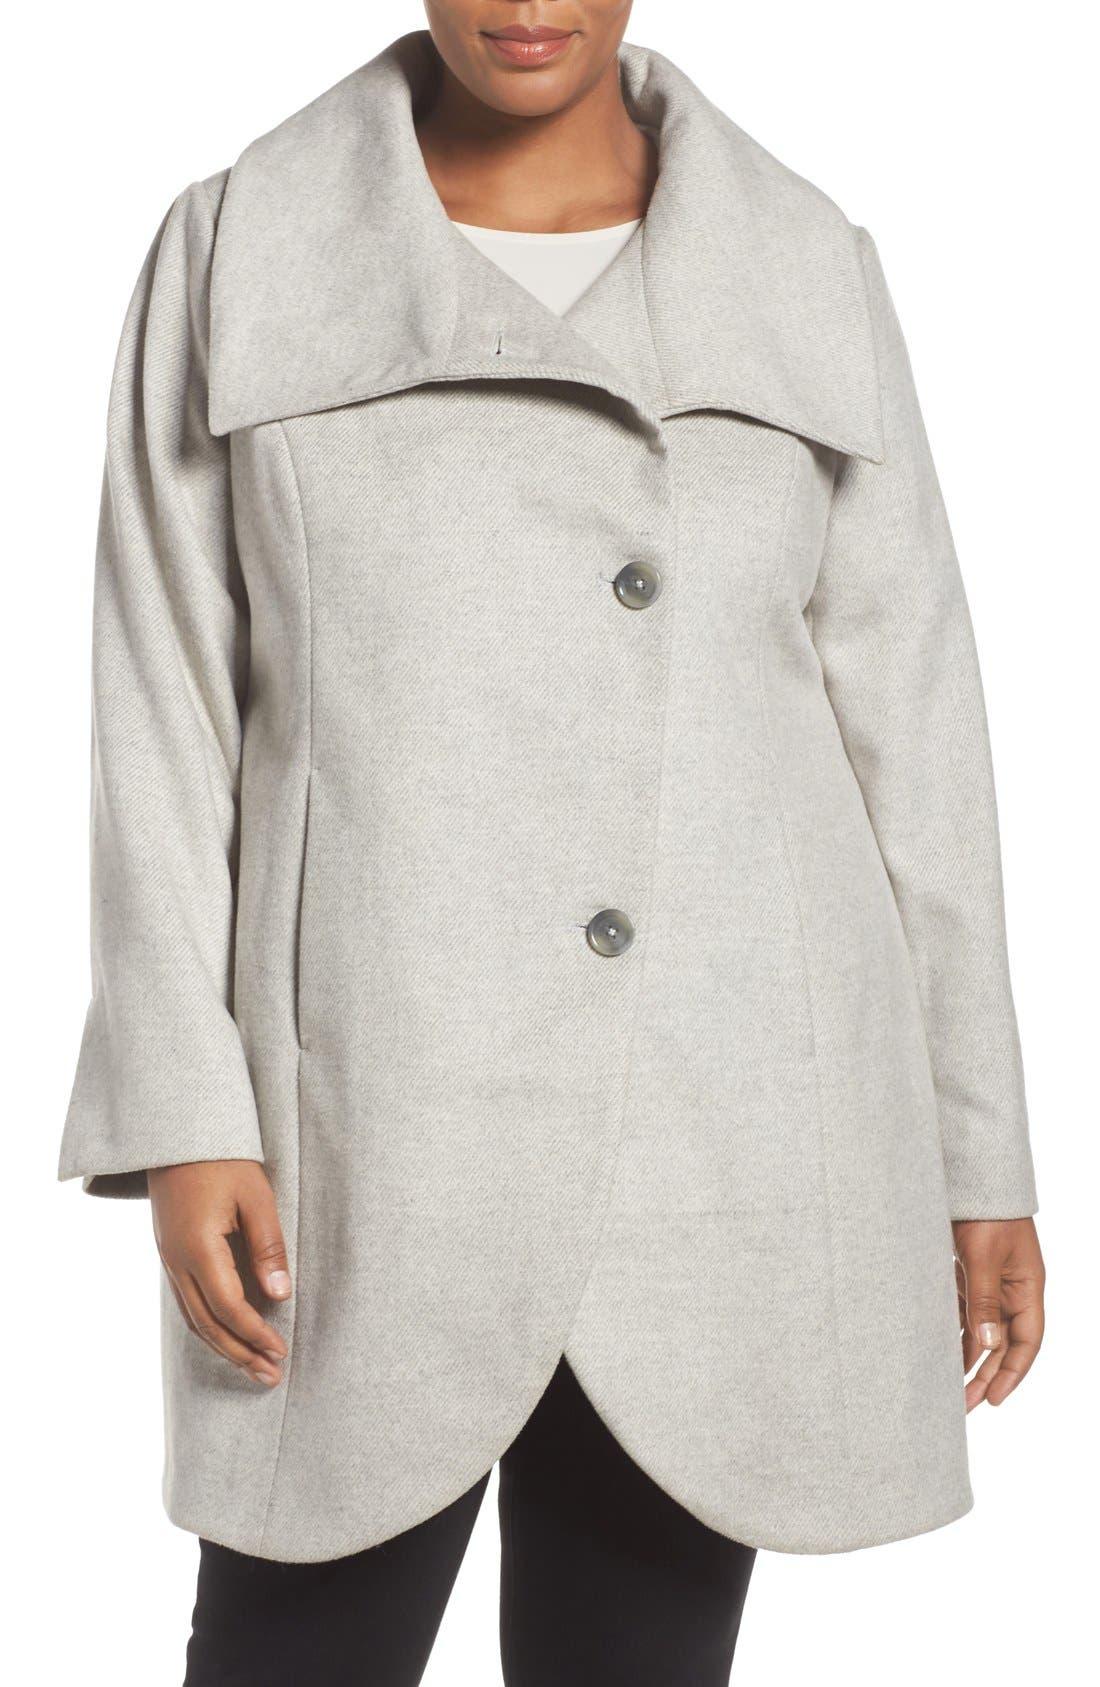 Alternate Image 1 Selected - Tahari Asymmetrical Coat (Plus Size)